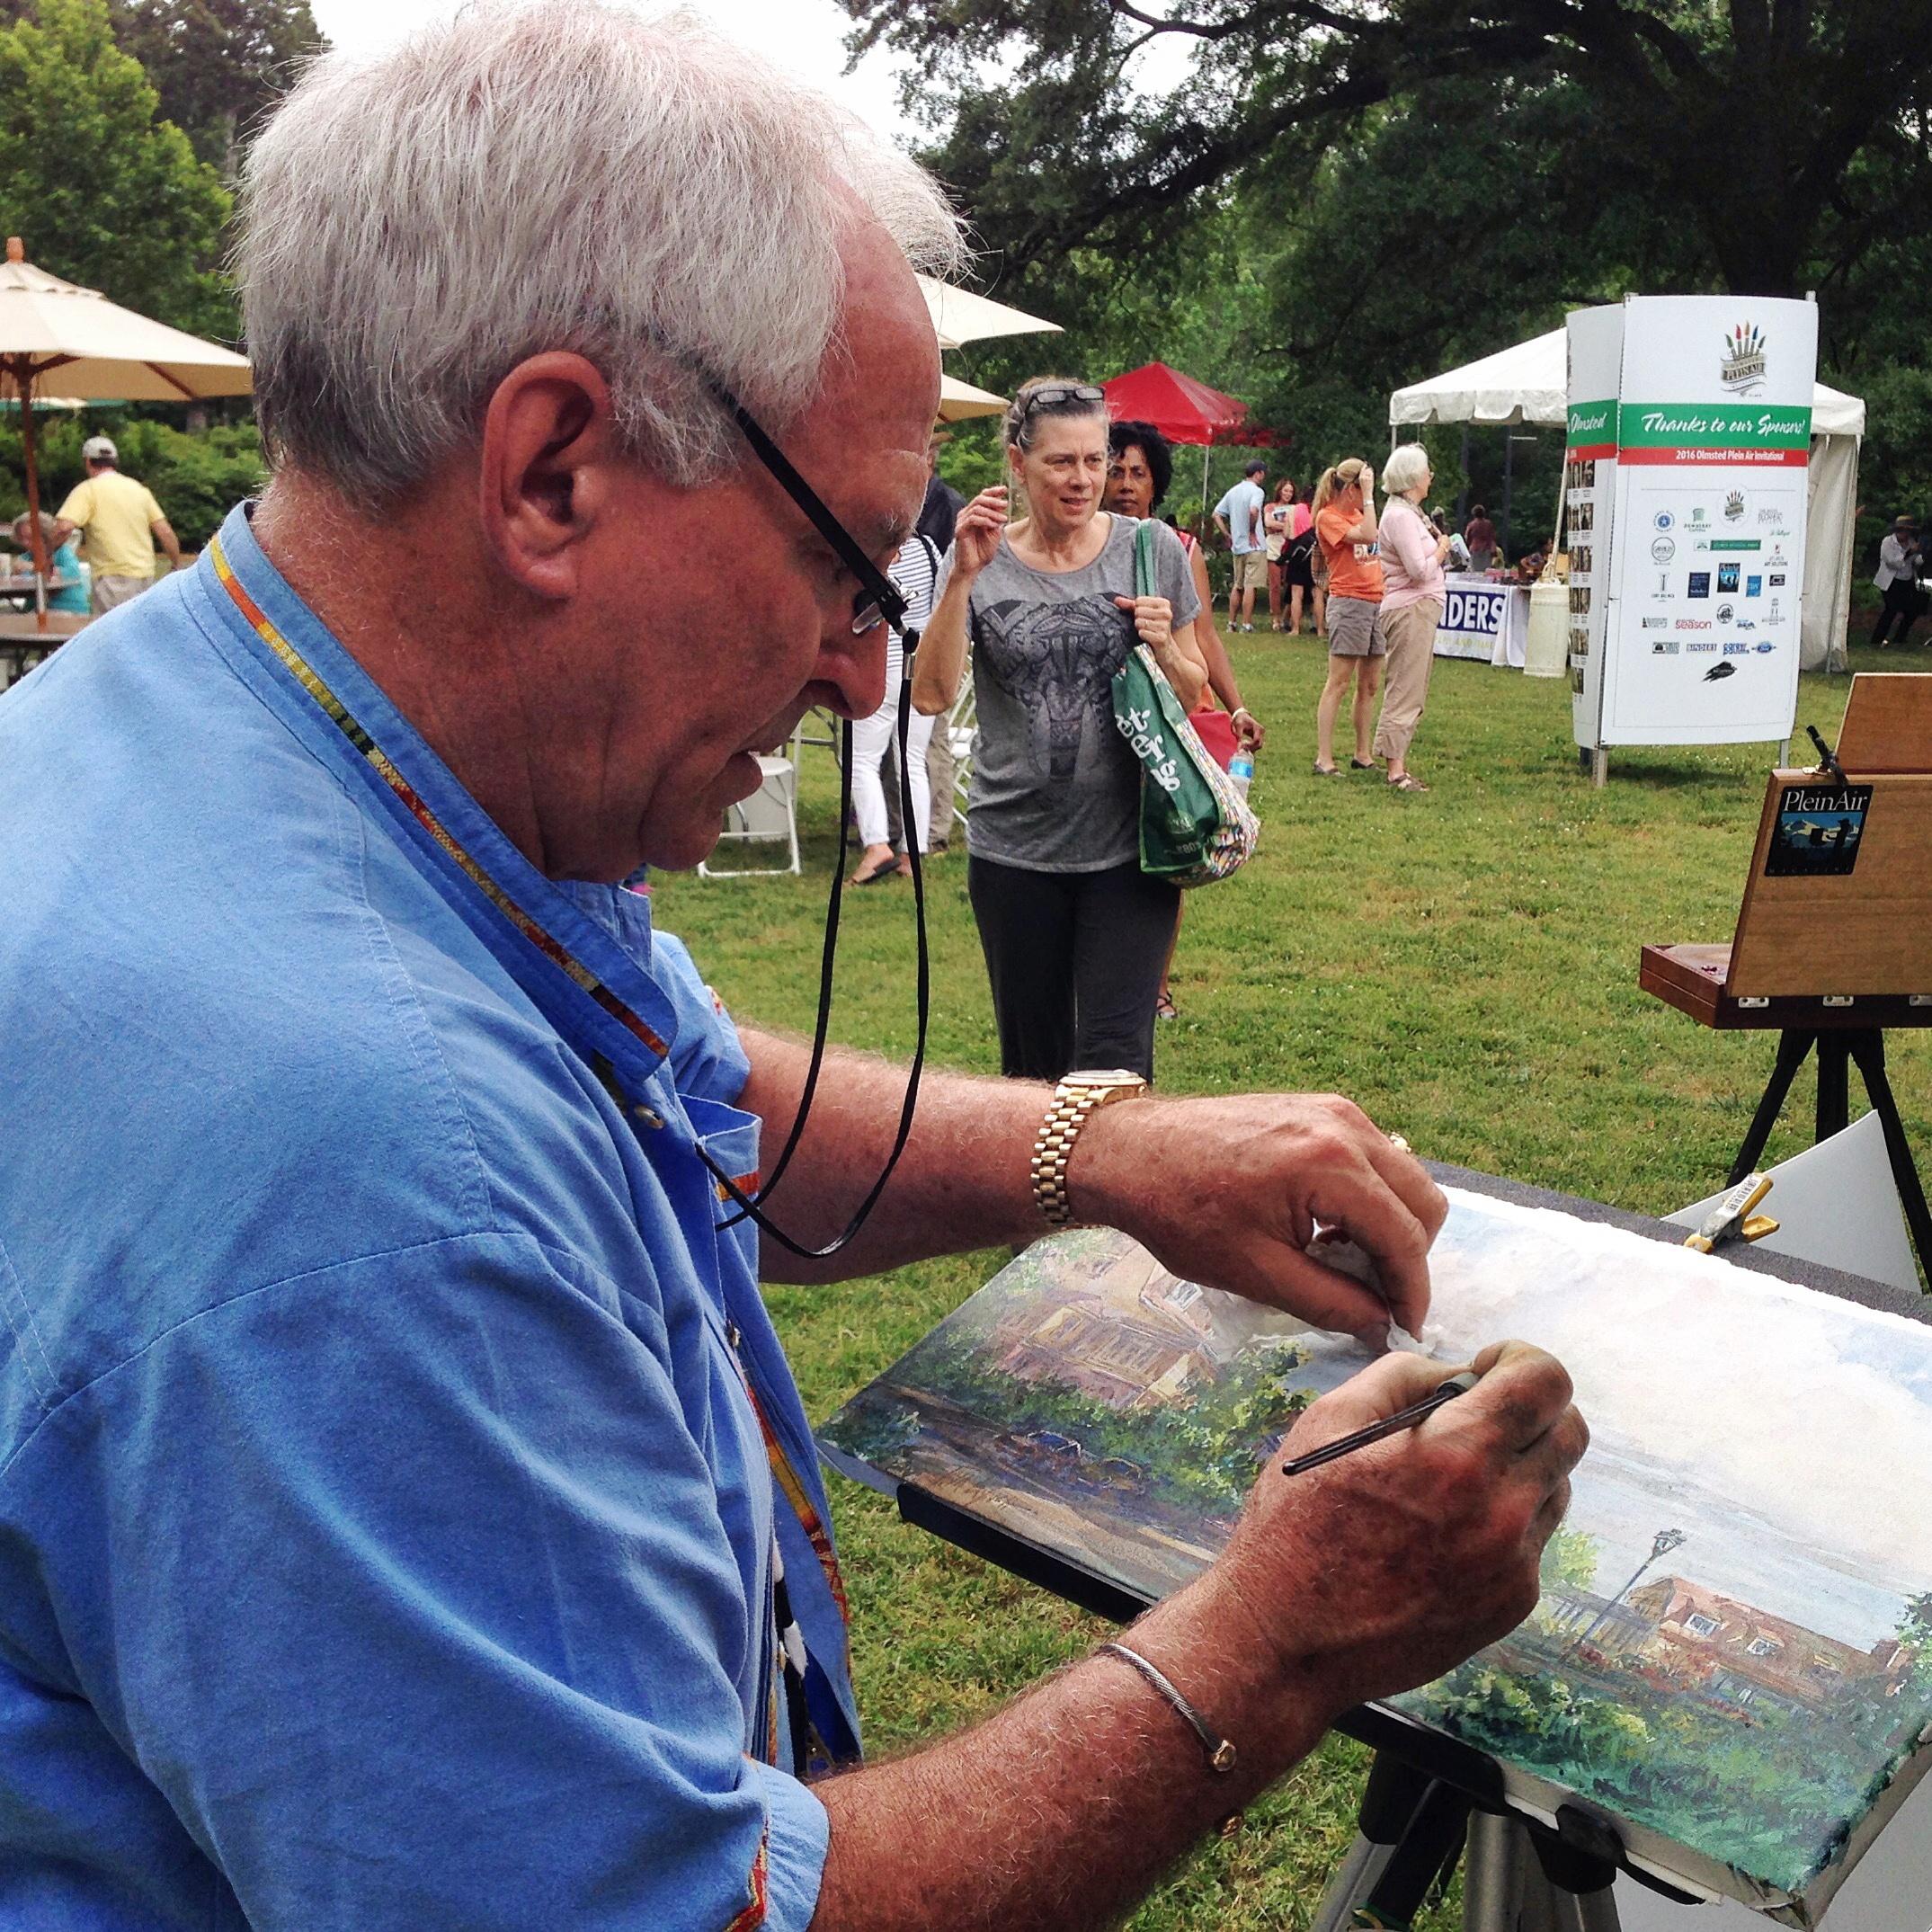 Artist Tom Lynch